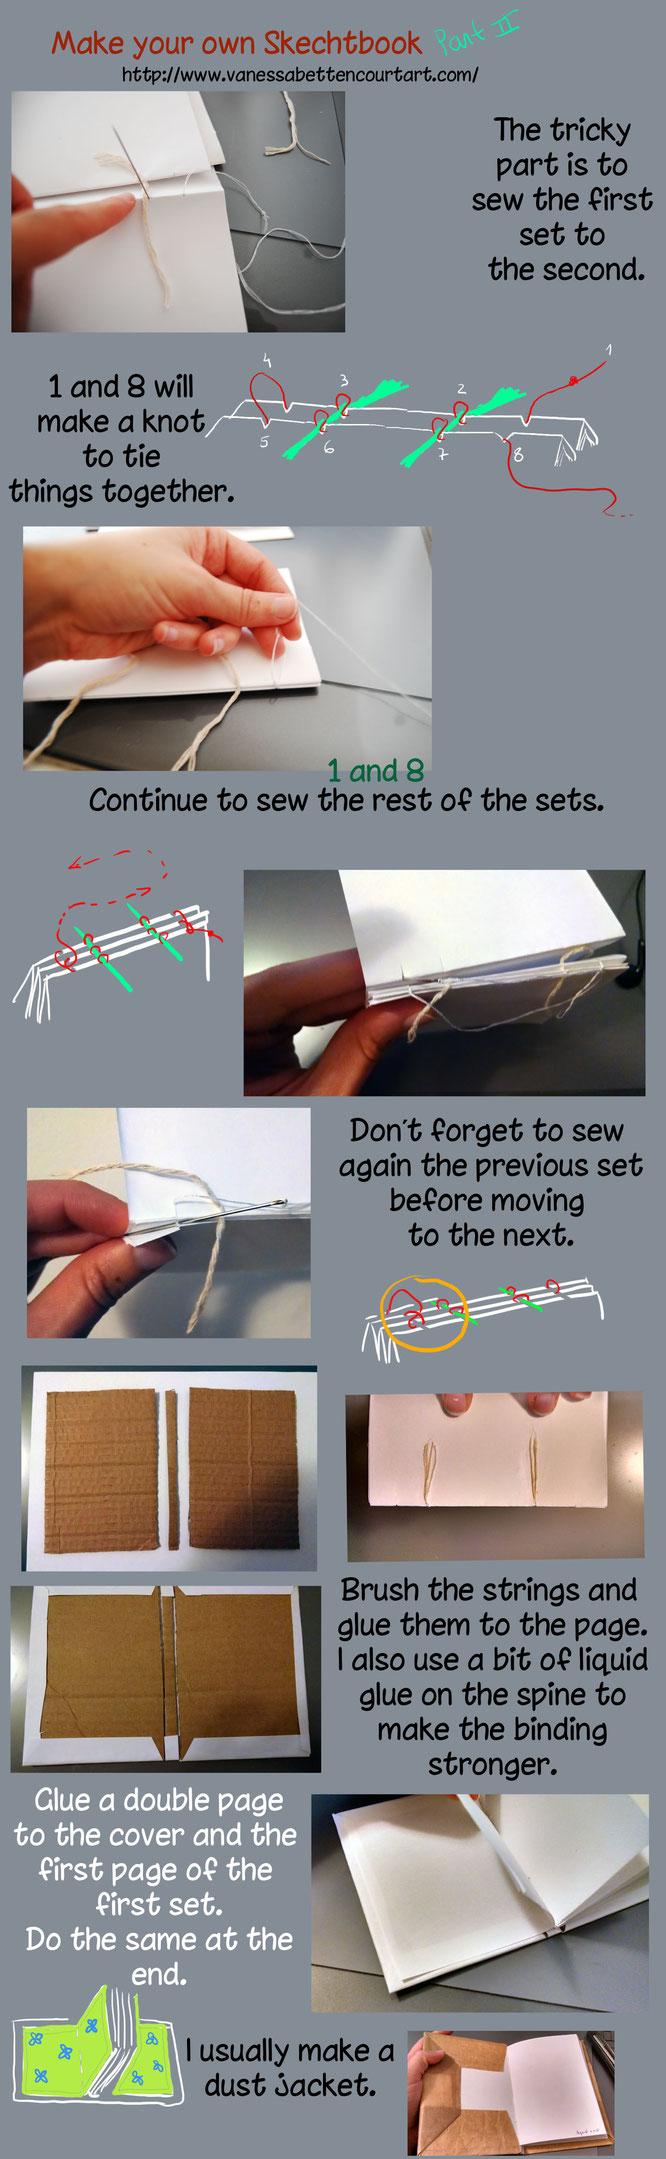 sewbooktutorial bindingbook sketchbooktutorial traditionalnews